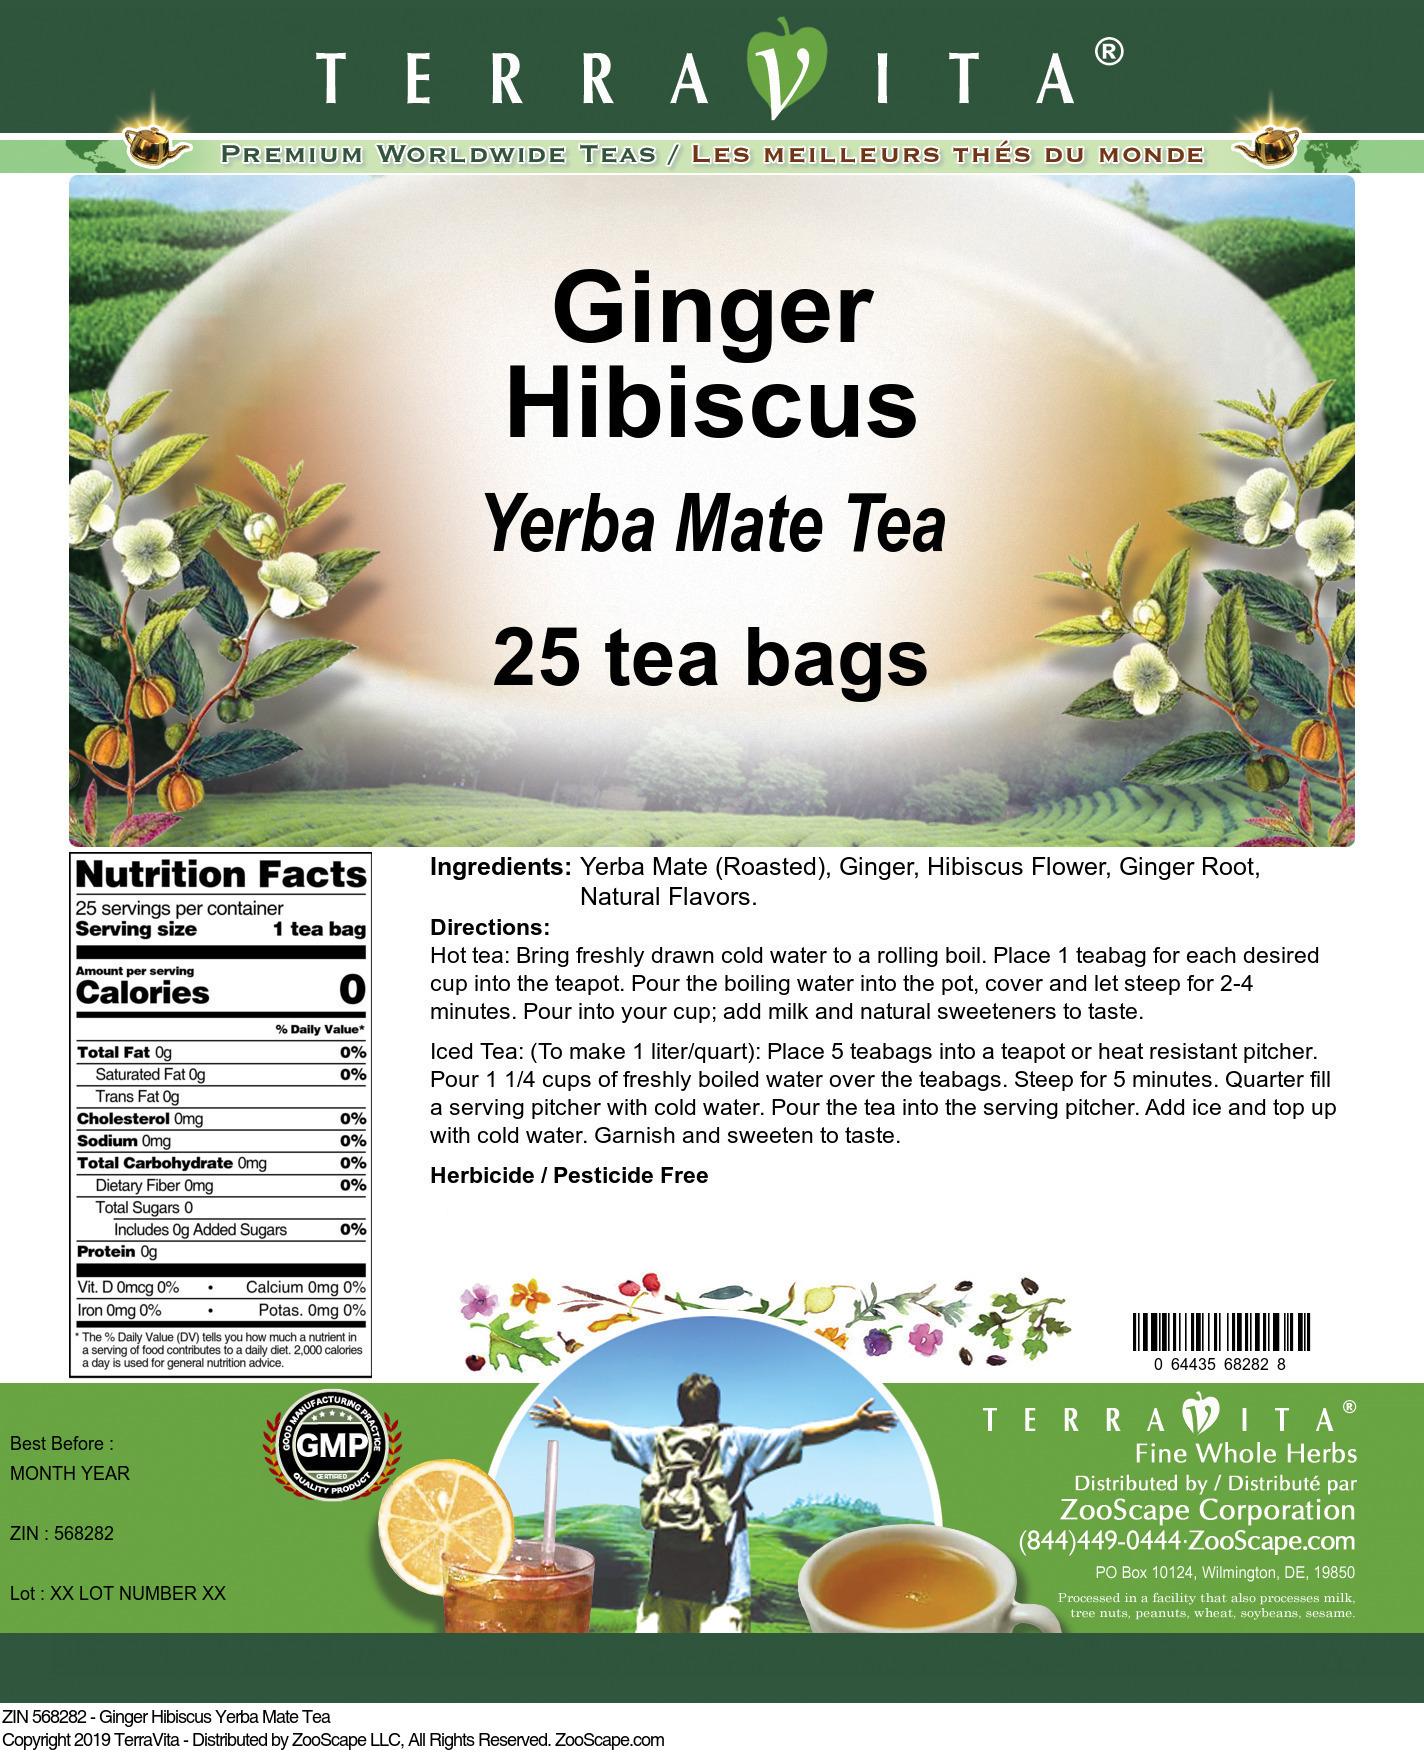 Ginger Hibiscus Yerba Mate